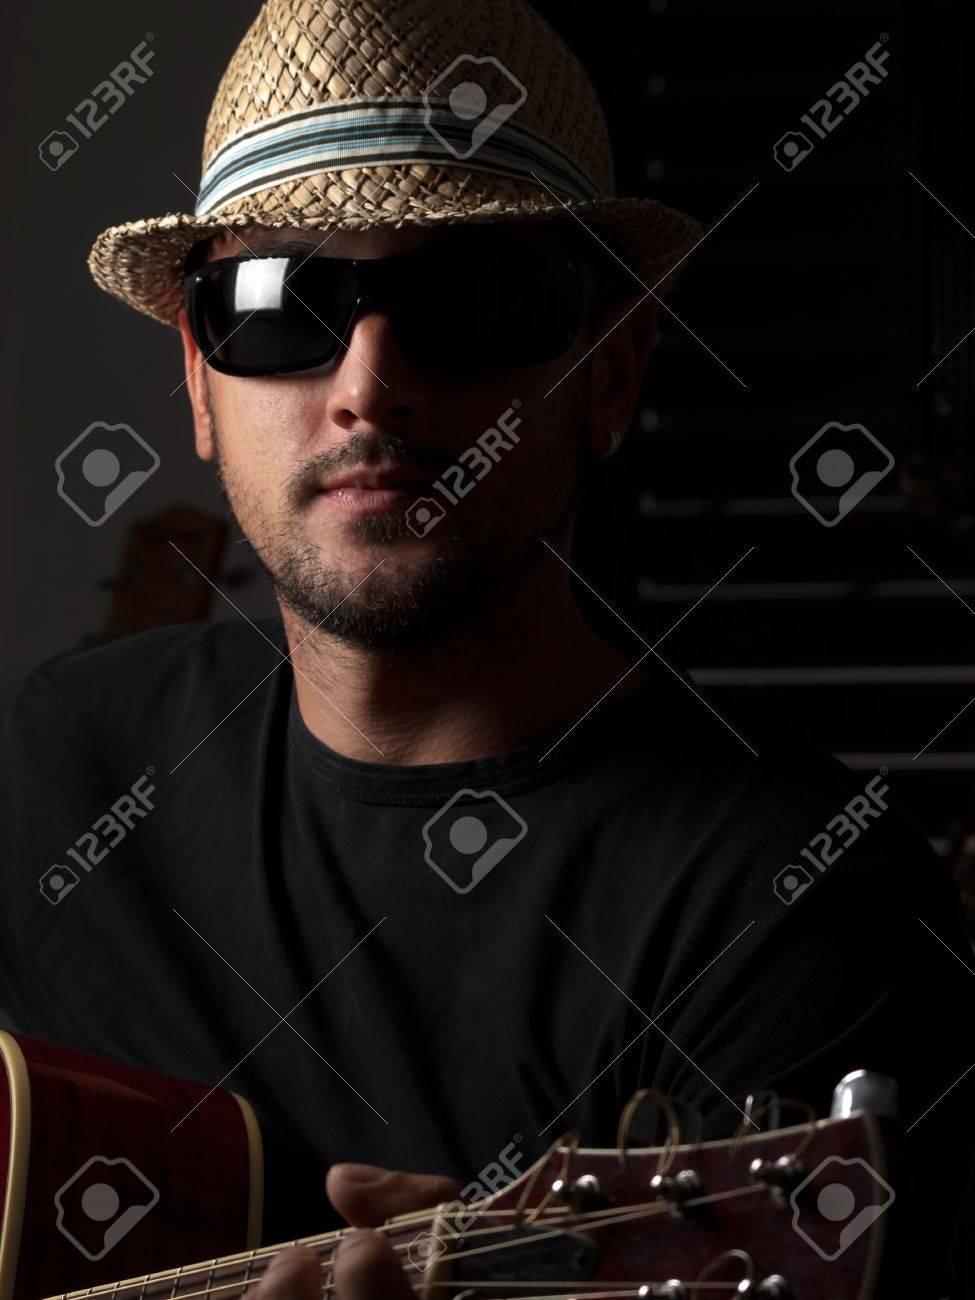 Y Gafas Joven Con Sombrero Tocando De Sol La Hombre GuitarraPara n0wPk8OX